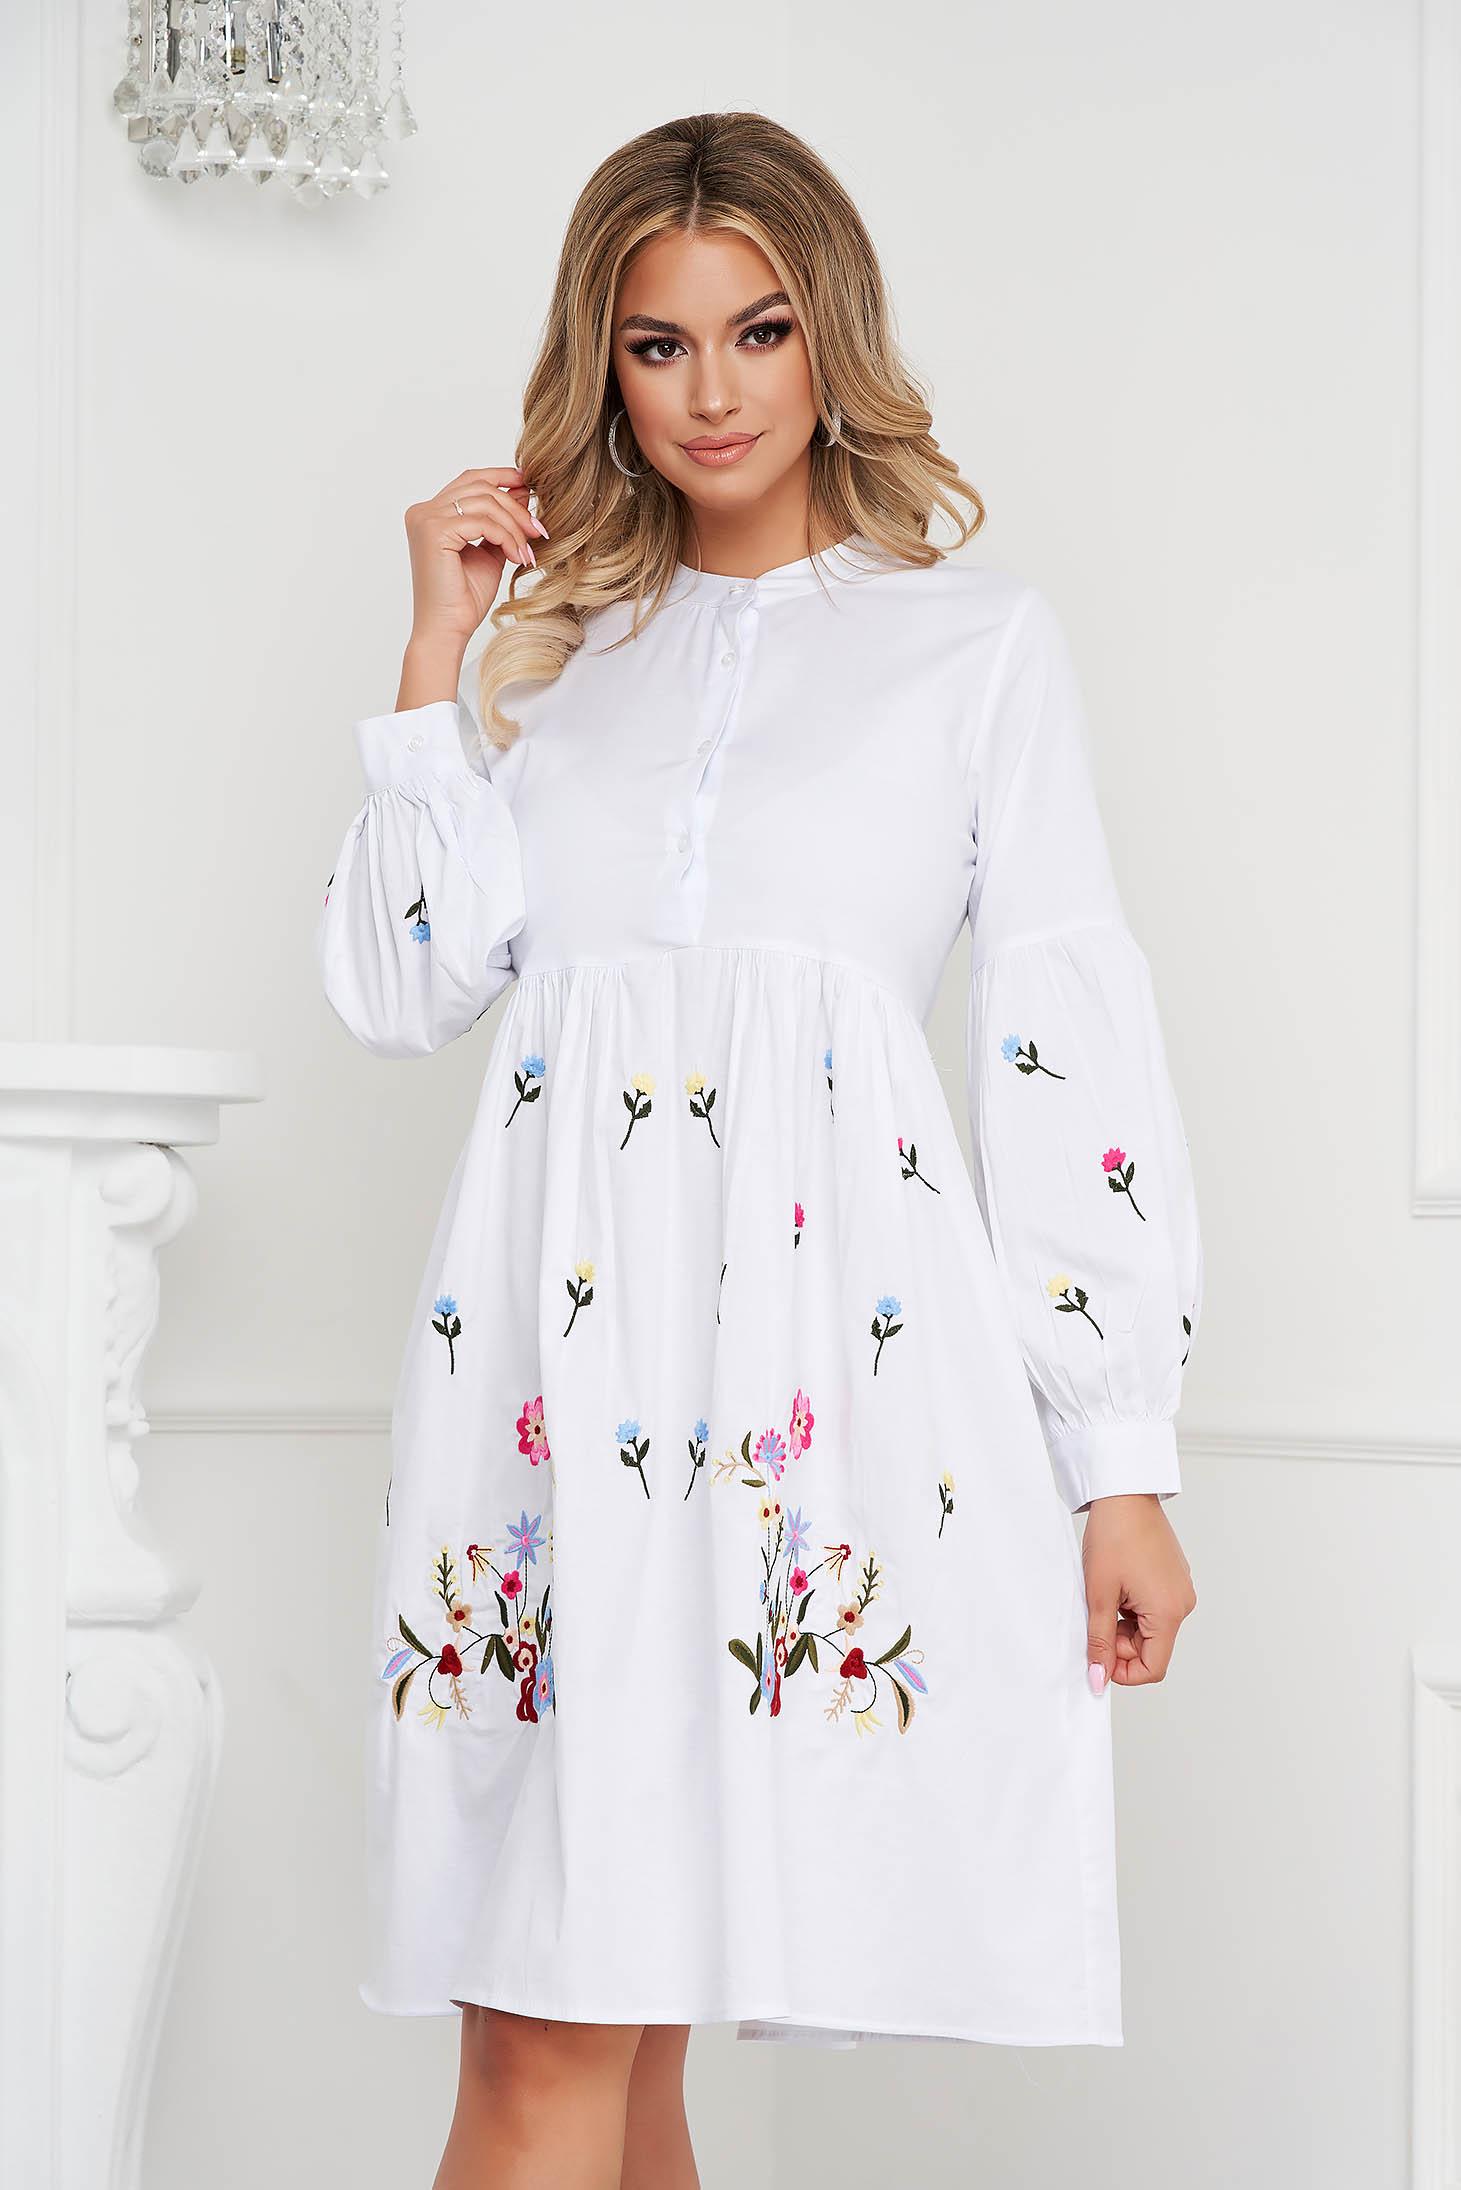 Pamutból készült bő ujjú midi fehér ruha virágos hímzéssel